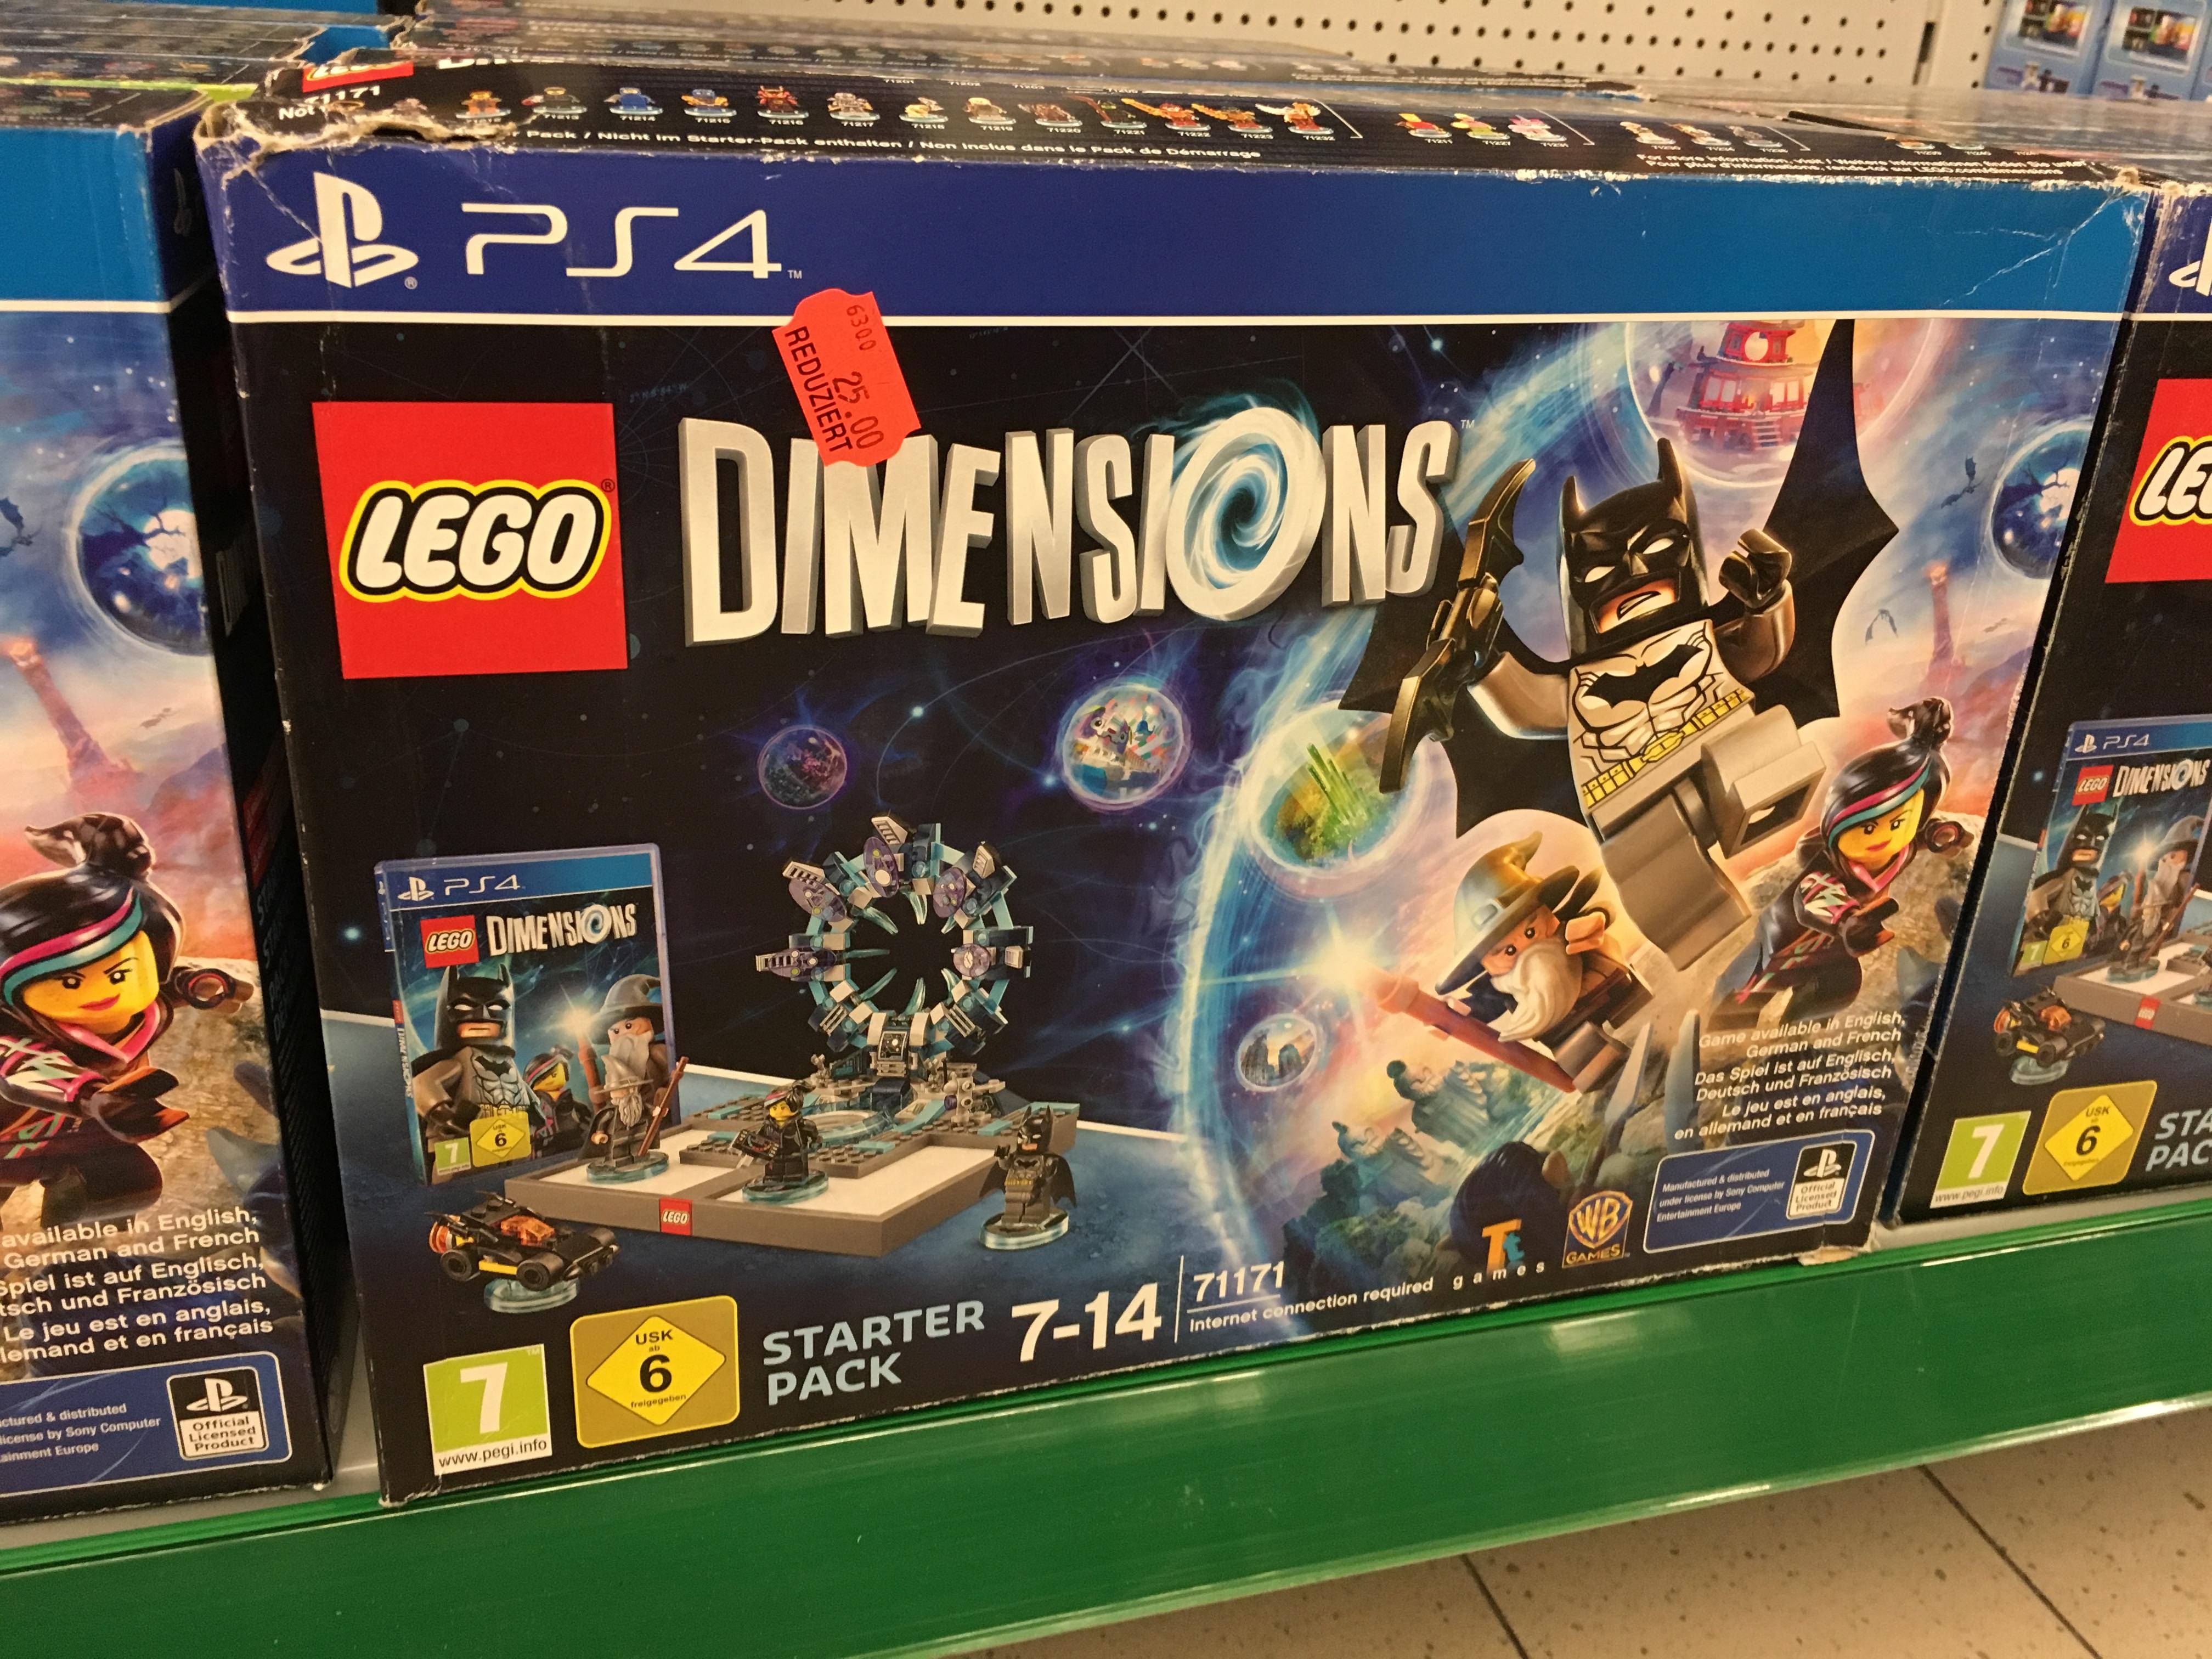 Lego Dimensions PS4 25€ LOKAL bei Marktkauf Bielefeld-Gadderbaum